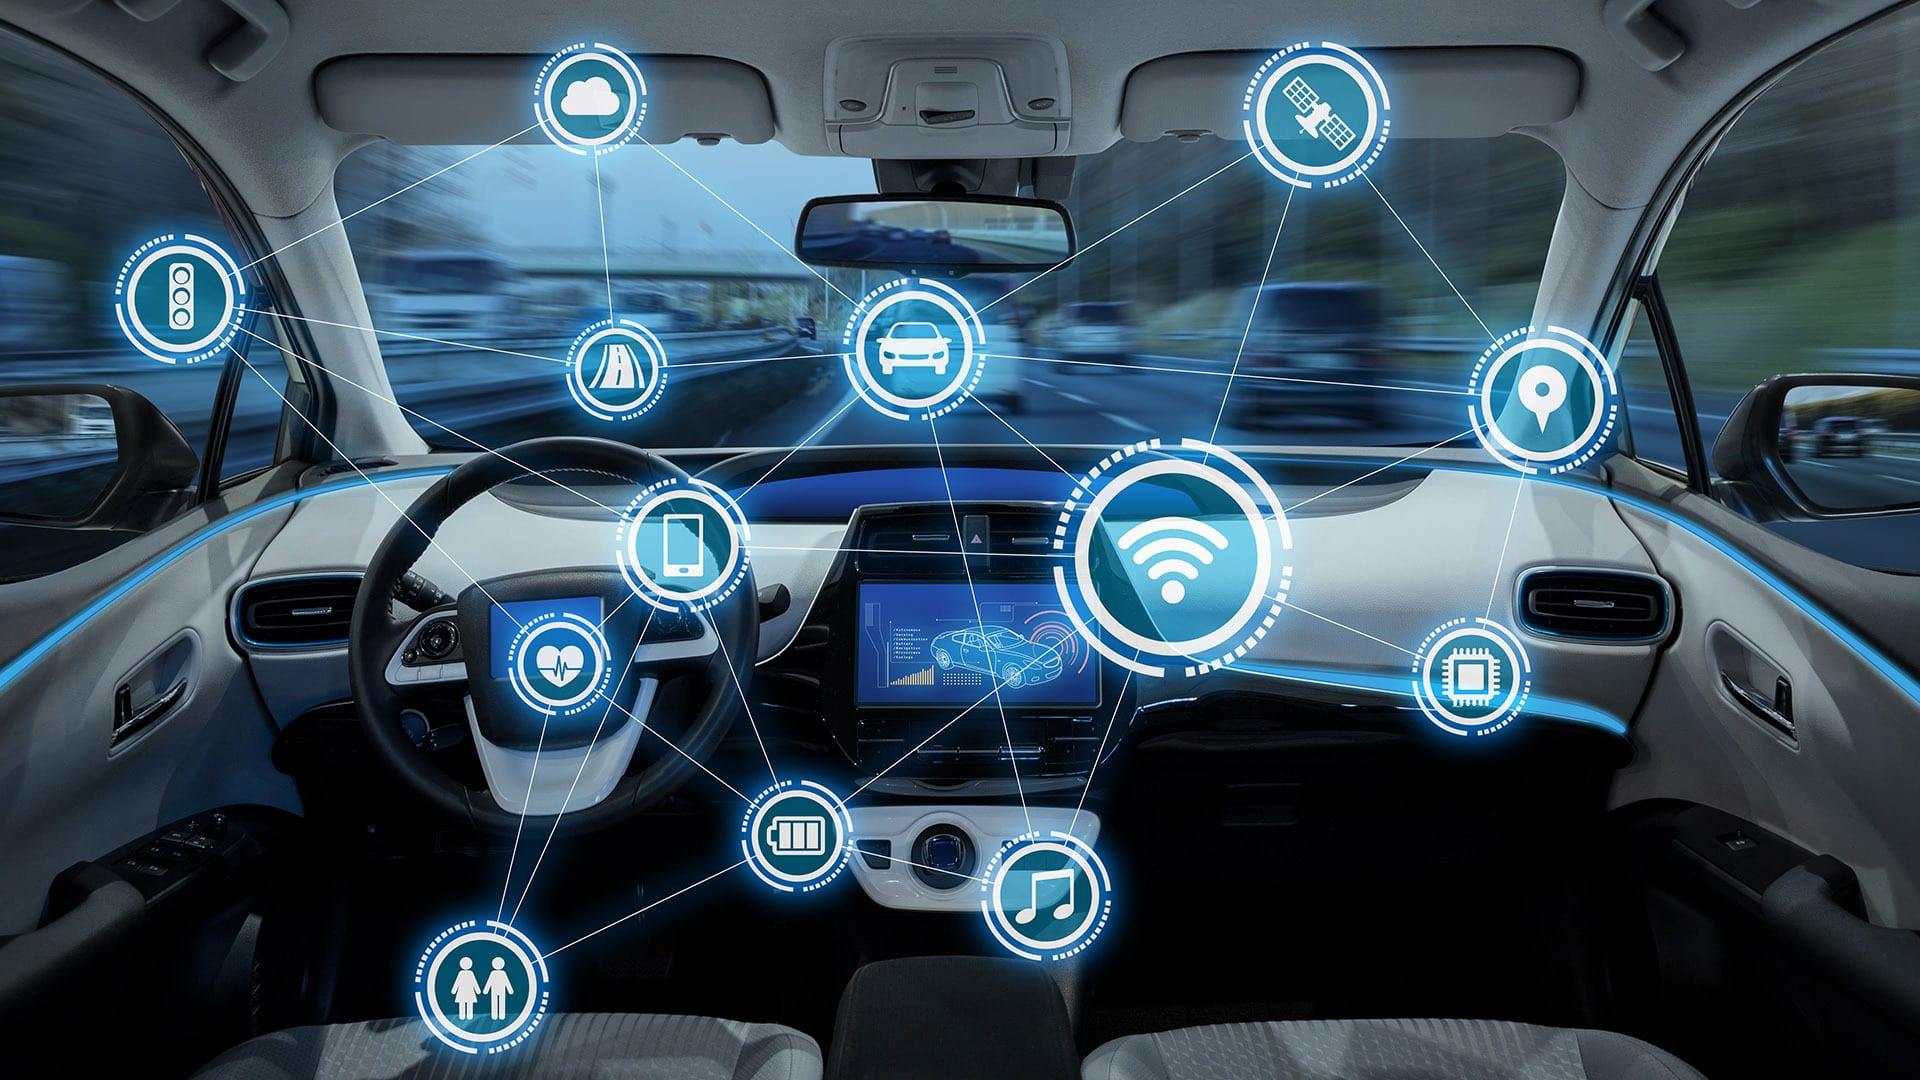 أحدث التقنيات التكنولوجية في السيارات الجديدة